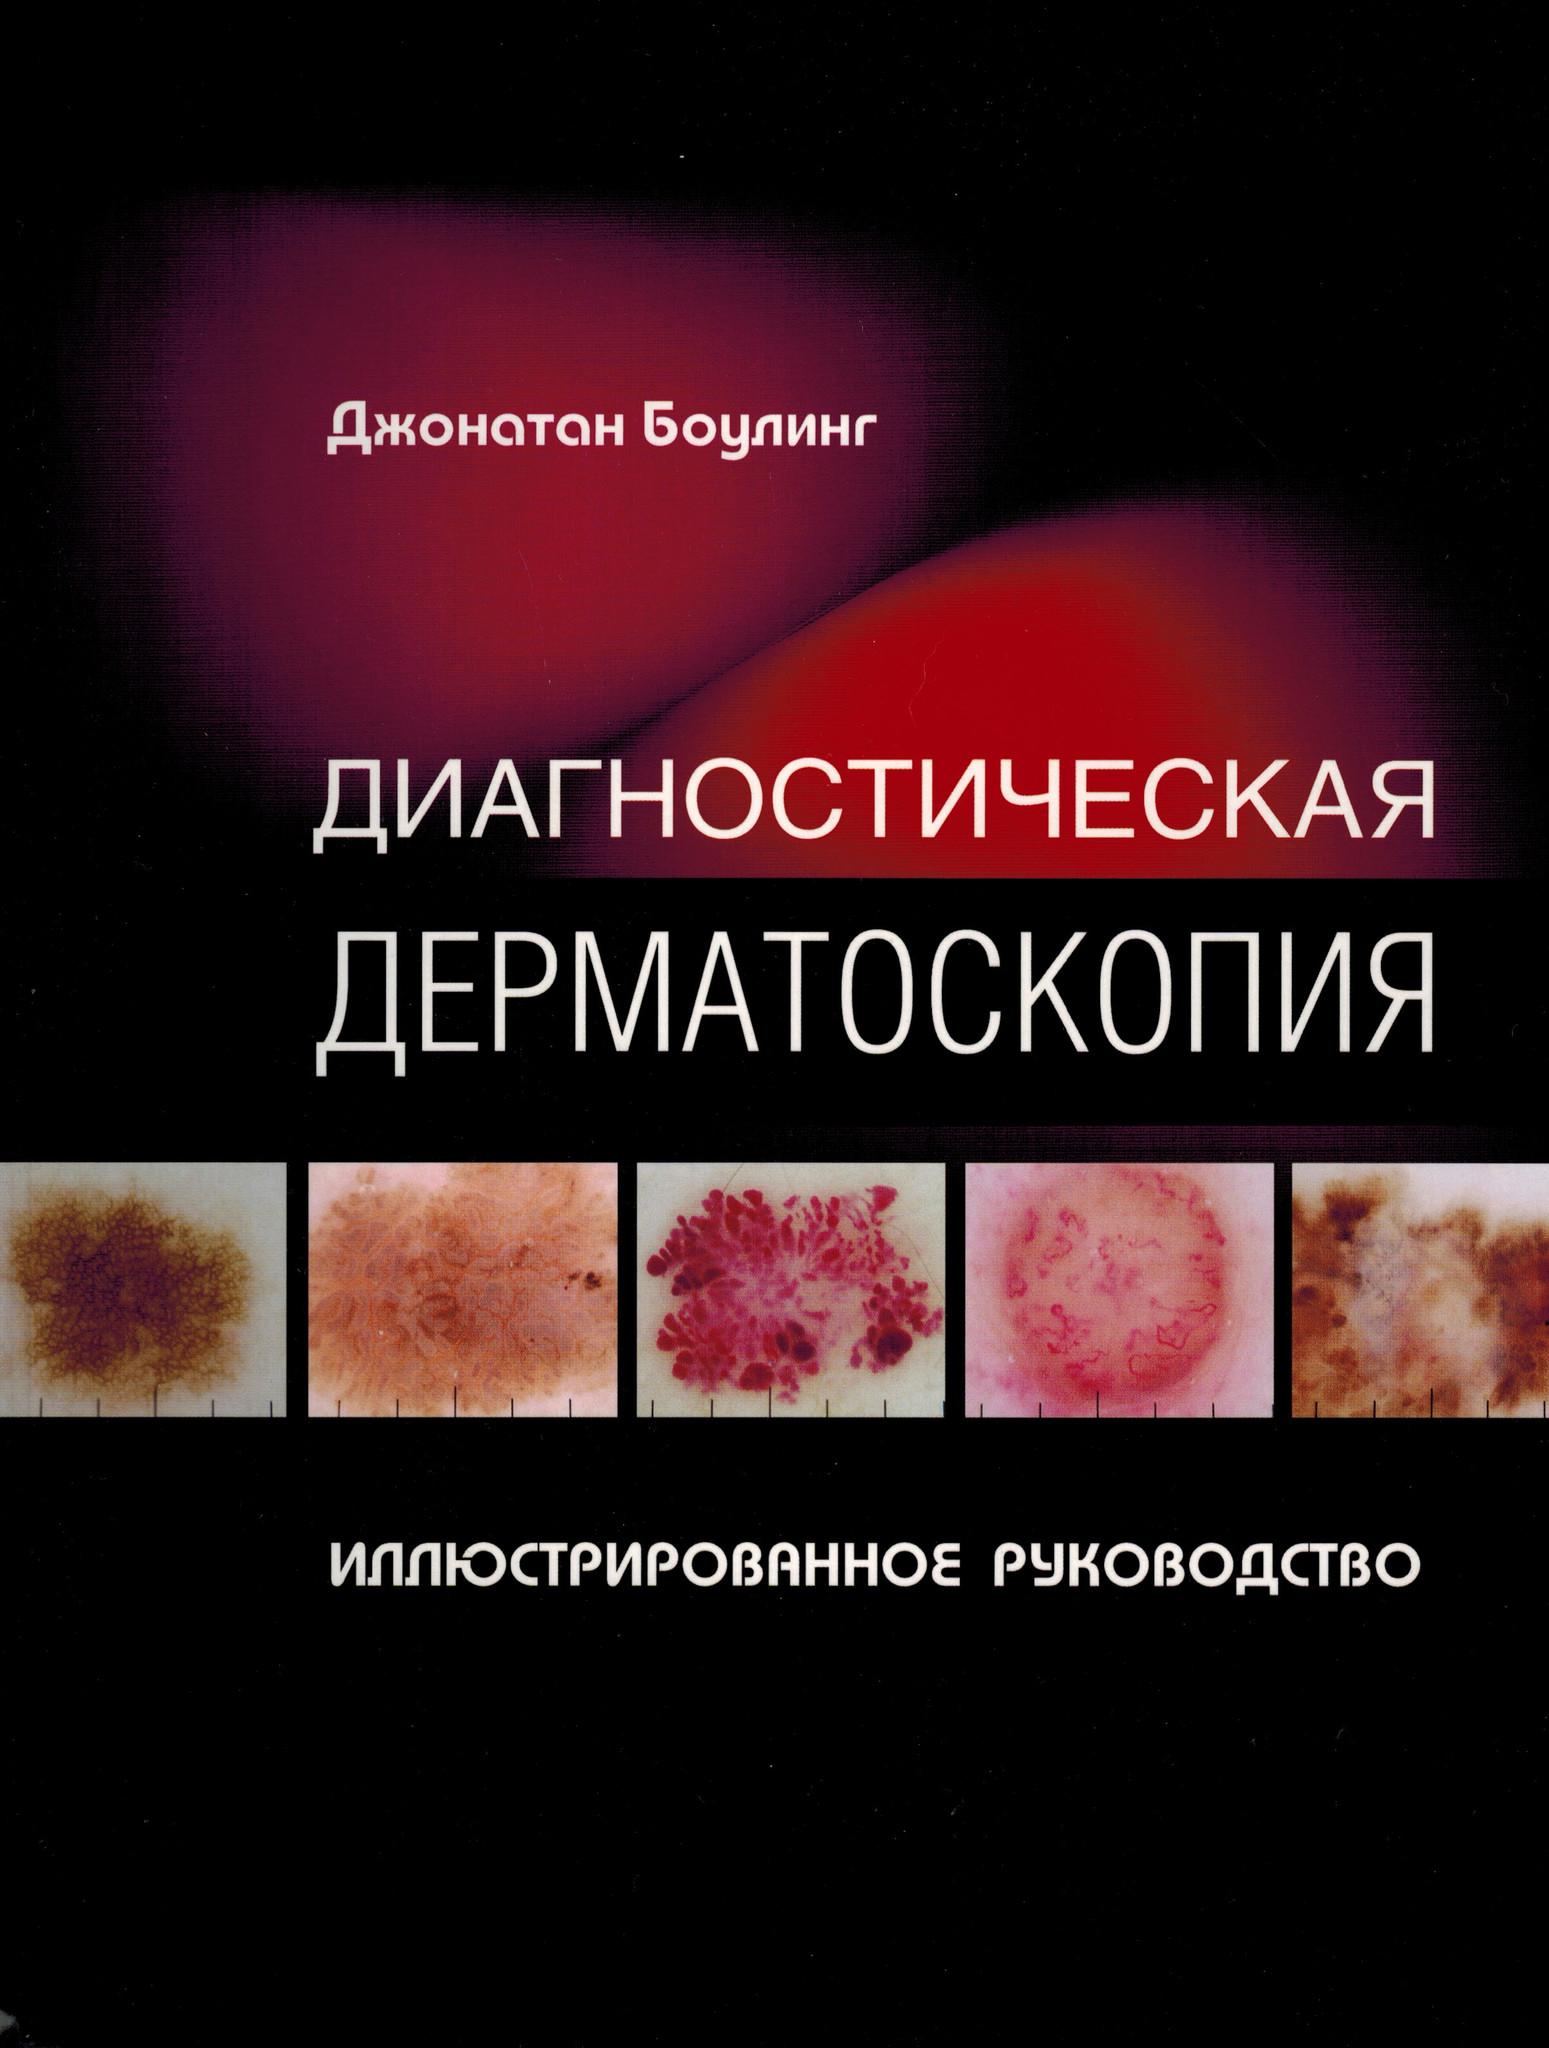 Дерматоскопия Диагностическая дерматоскопия dd3.jpg